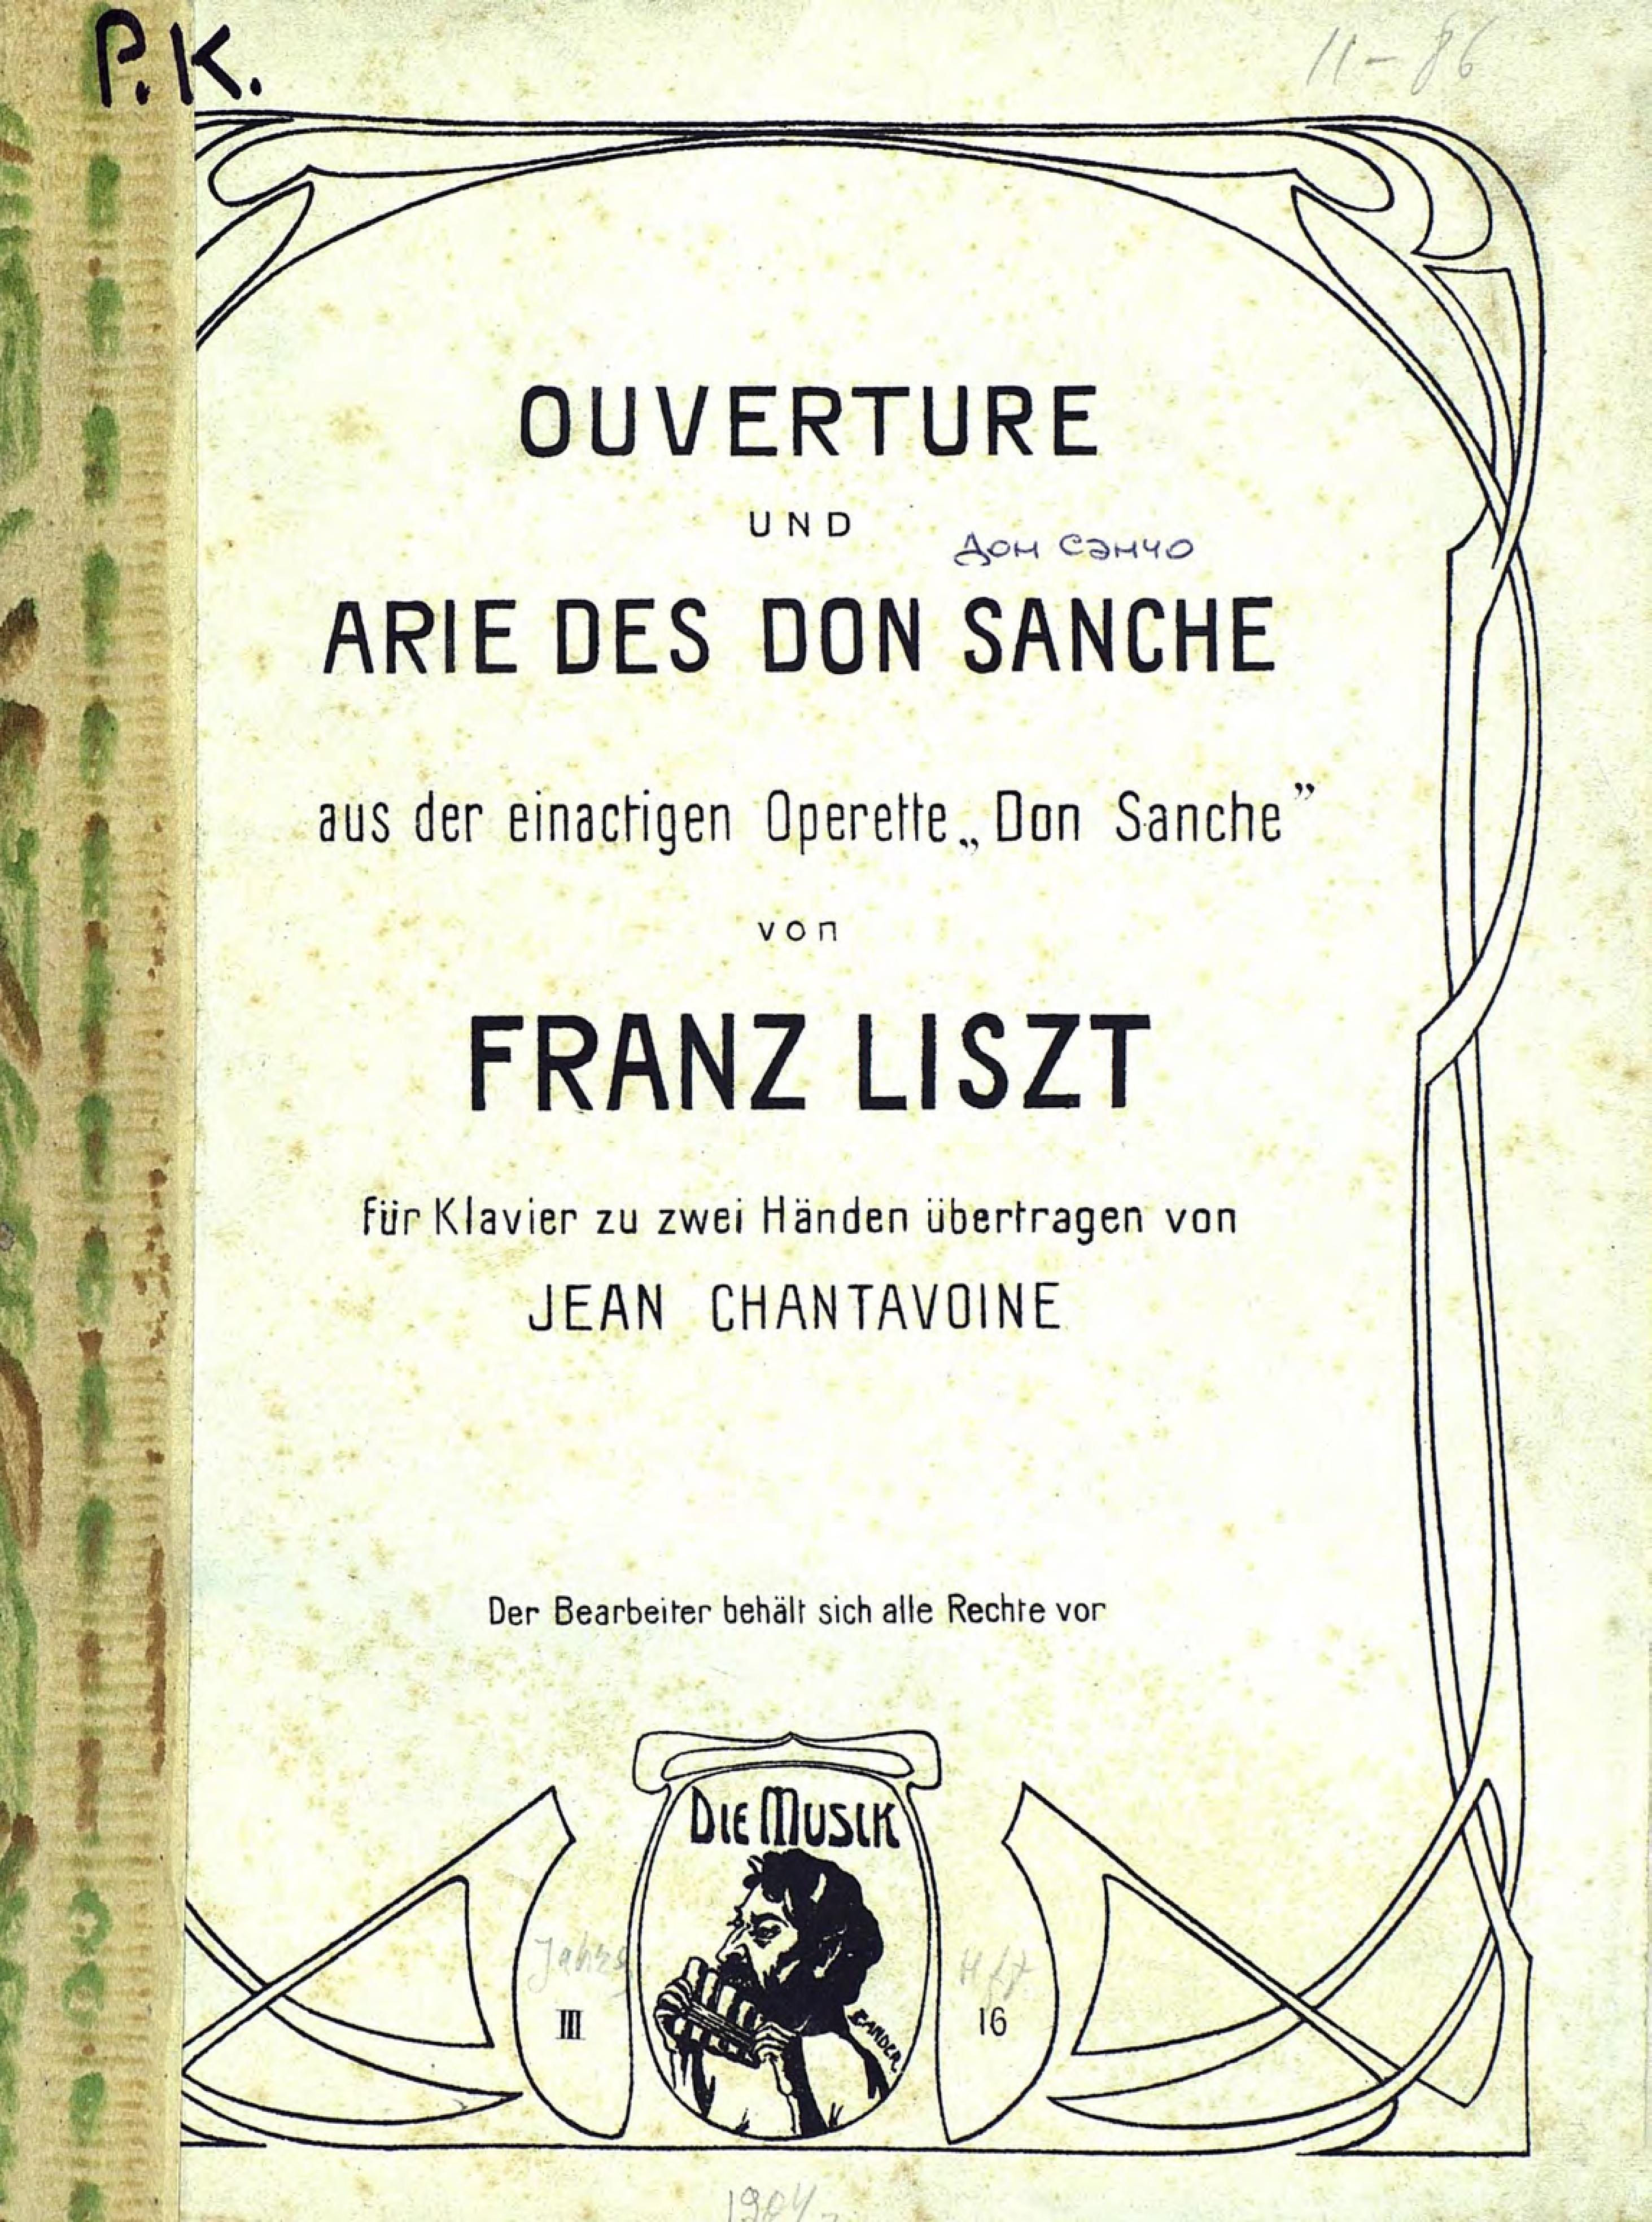 Ференц Лист Ouverture und Arie des don Sanche aus der einactigen Operette